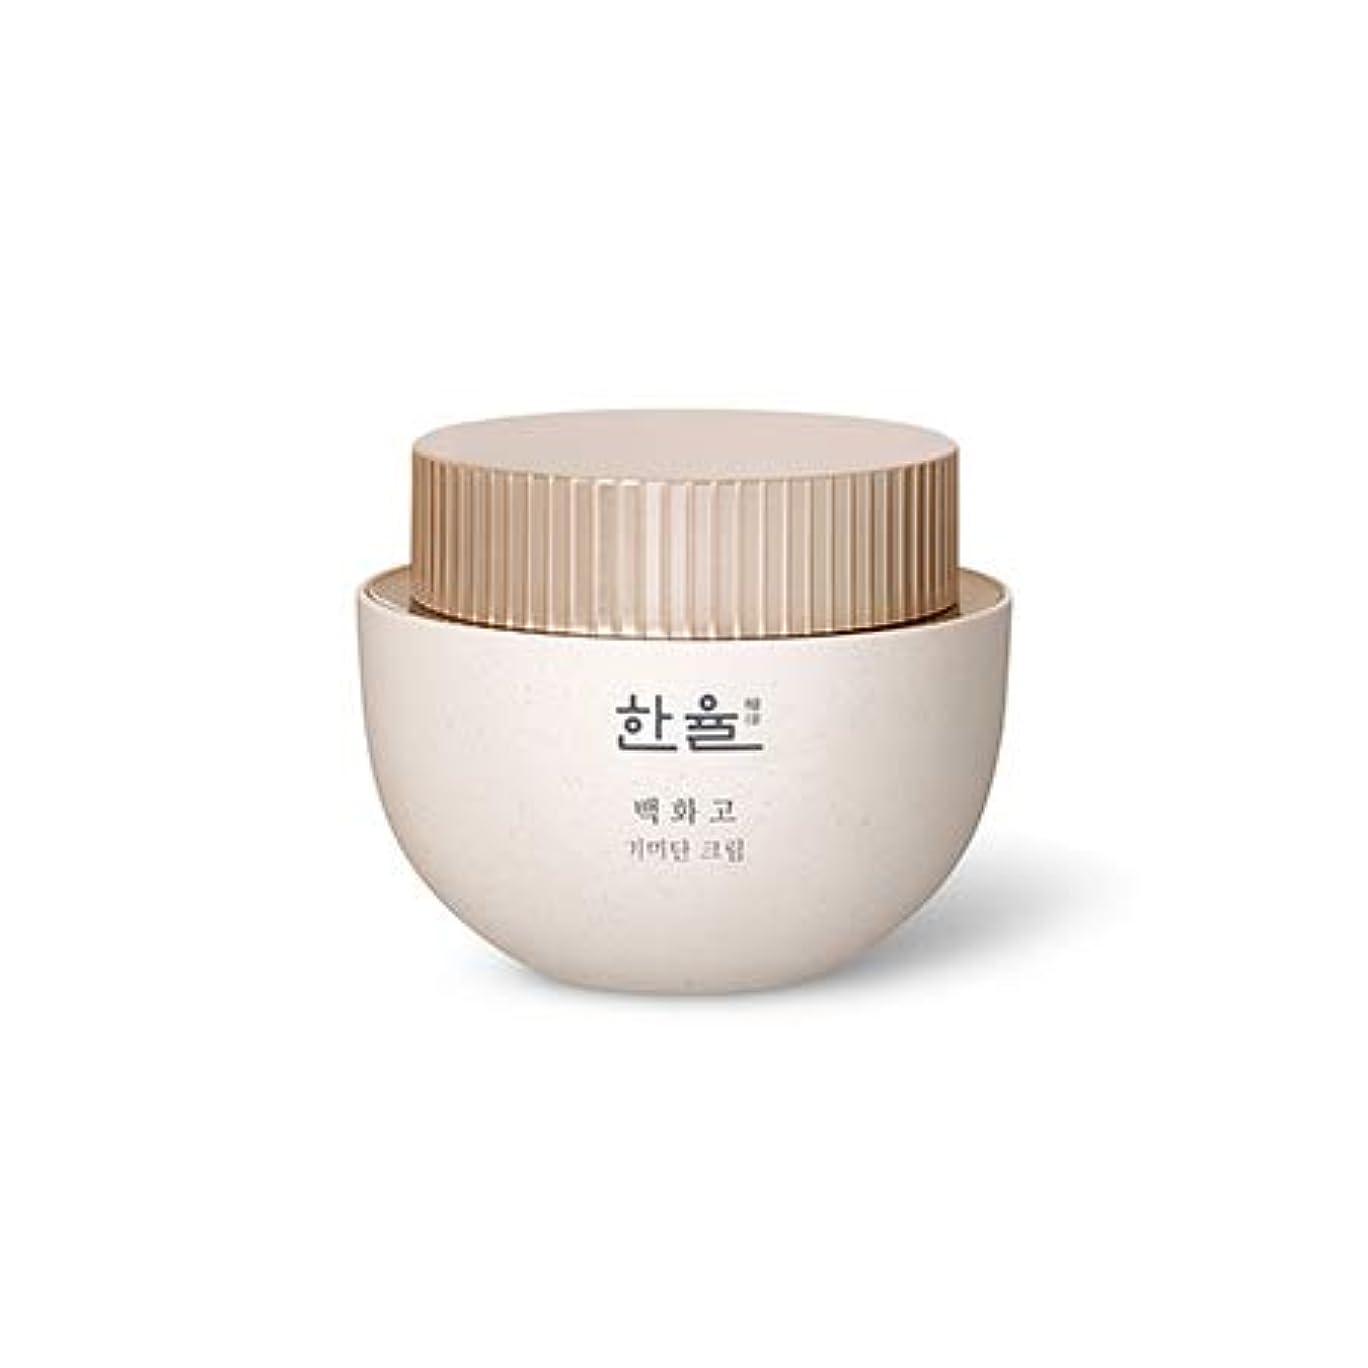 主権者転送不従順[ハンユル.HANYUL]ベクファゴシミ段クリームHanyul Baek Hwa Goh Anti-Aging Cream(シミ、くすみなどの老化の兆候をケア)